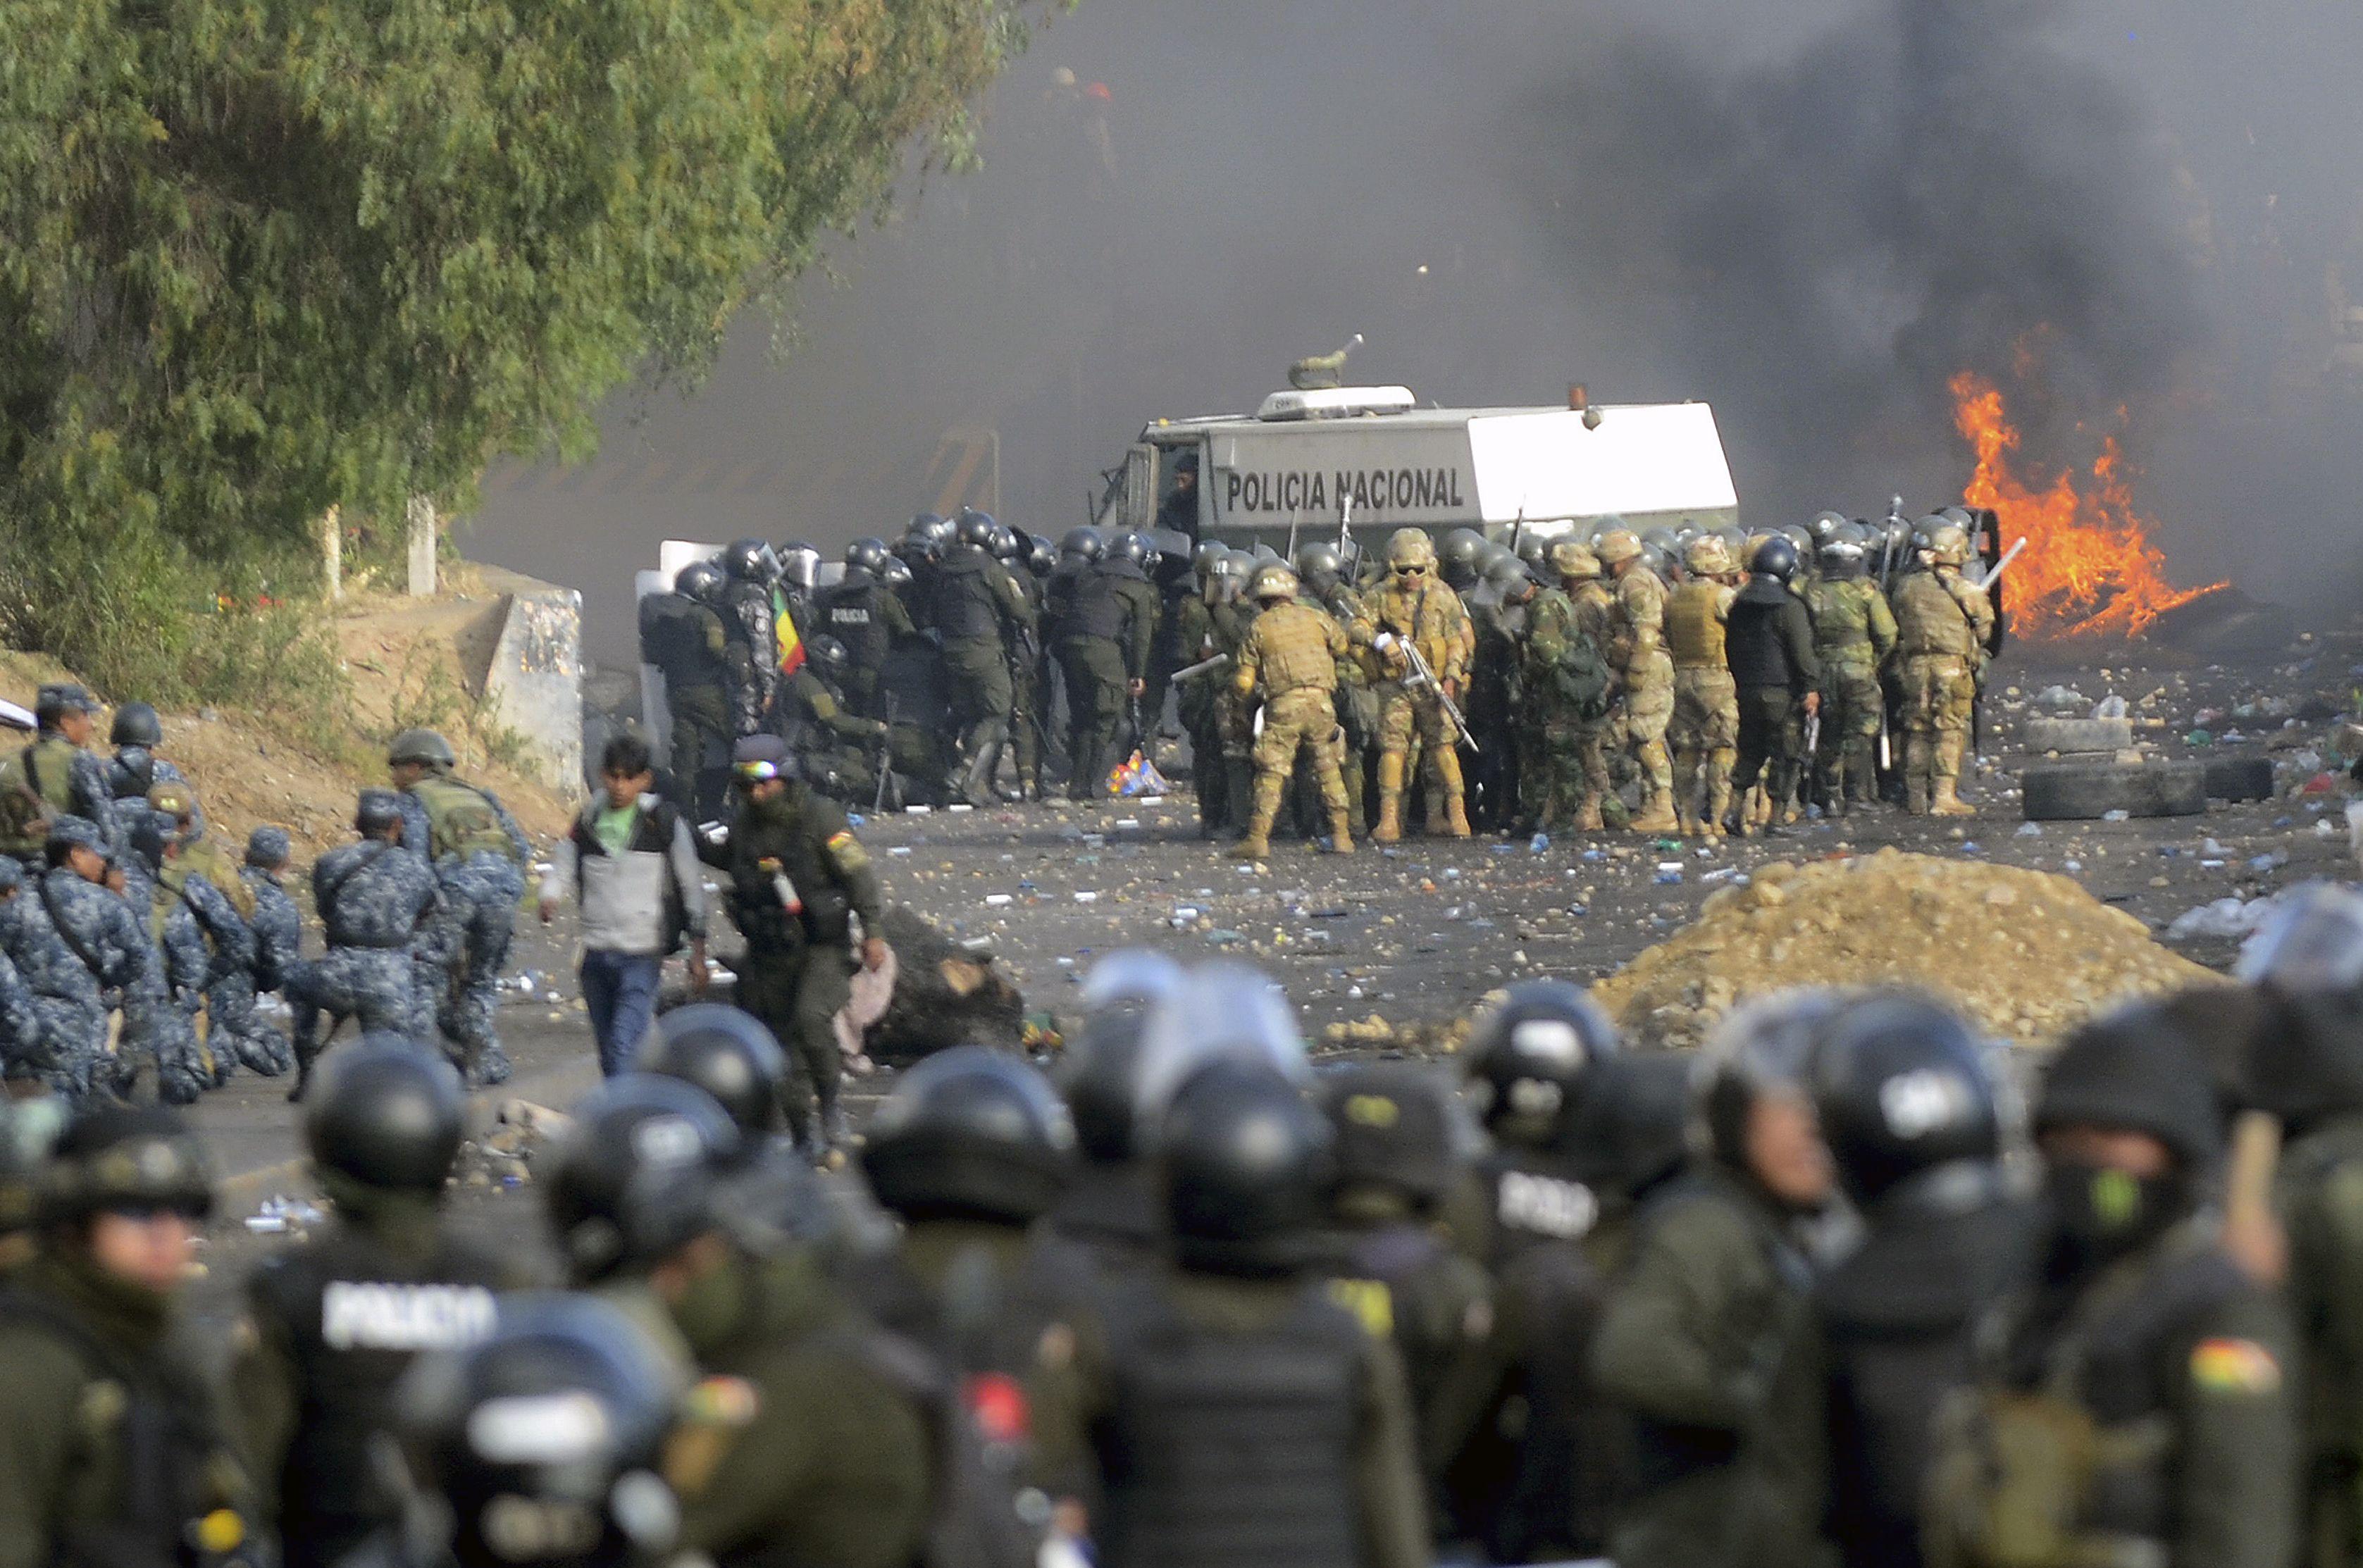 Enfrentamientos entre la policía y seguidores de Evo Morales en Cochabamba. (Photo by STR / AFP)